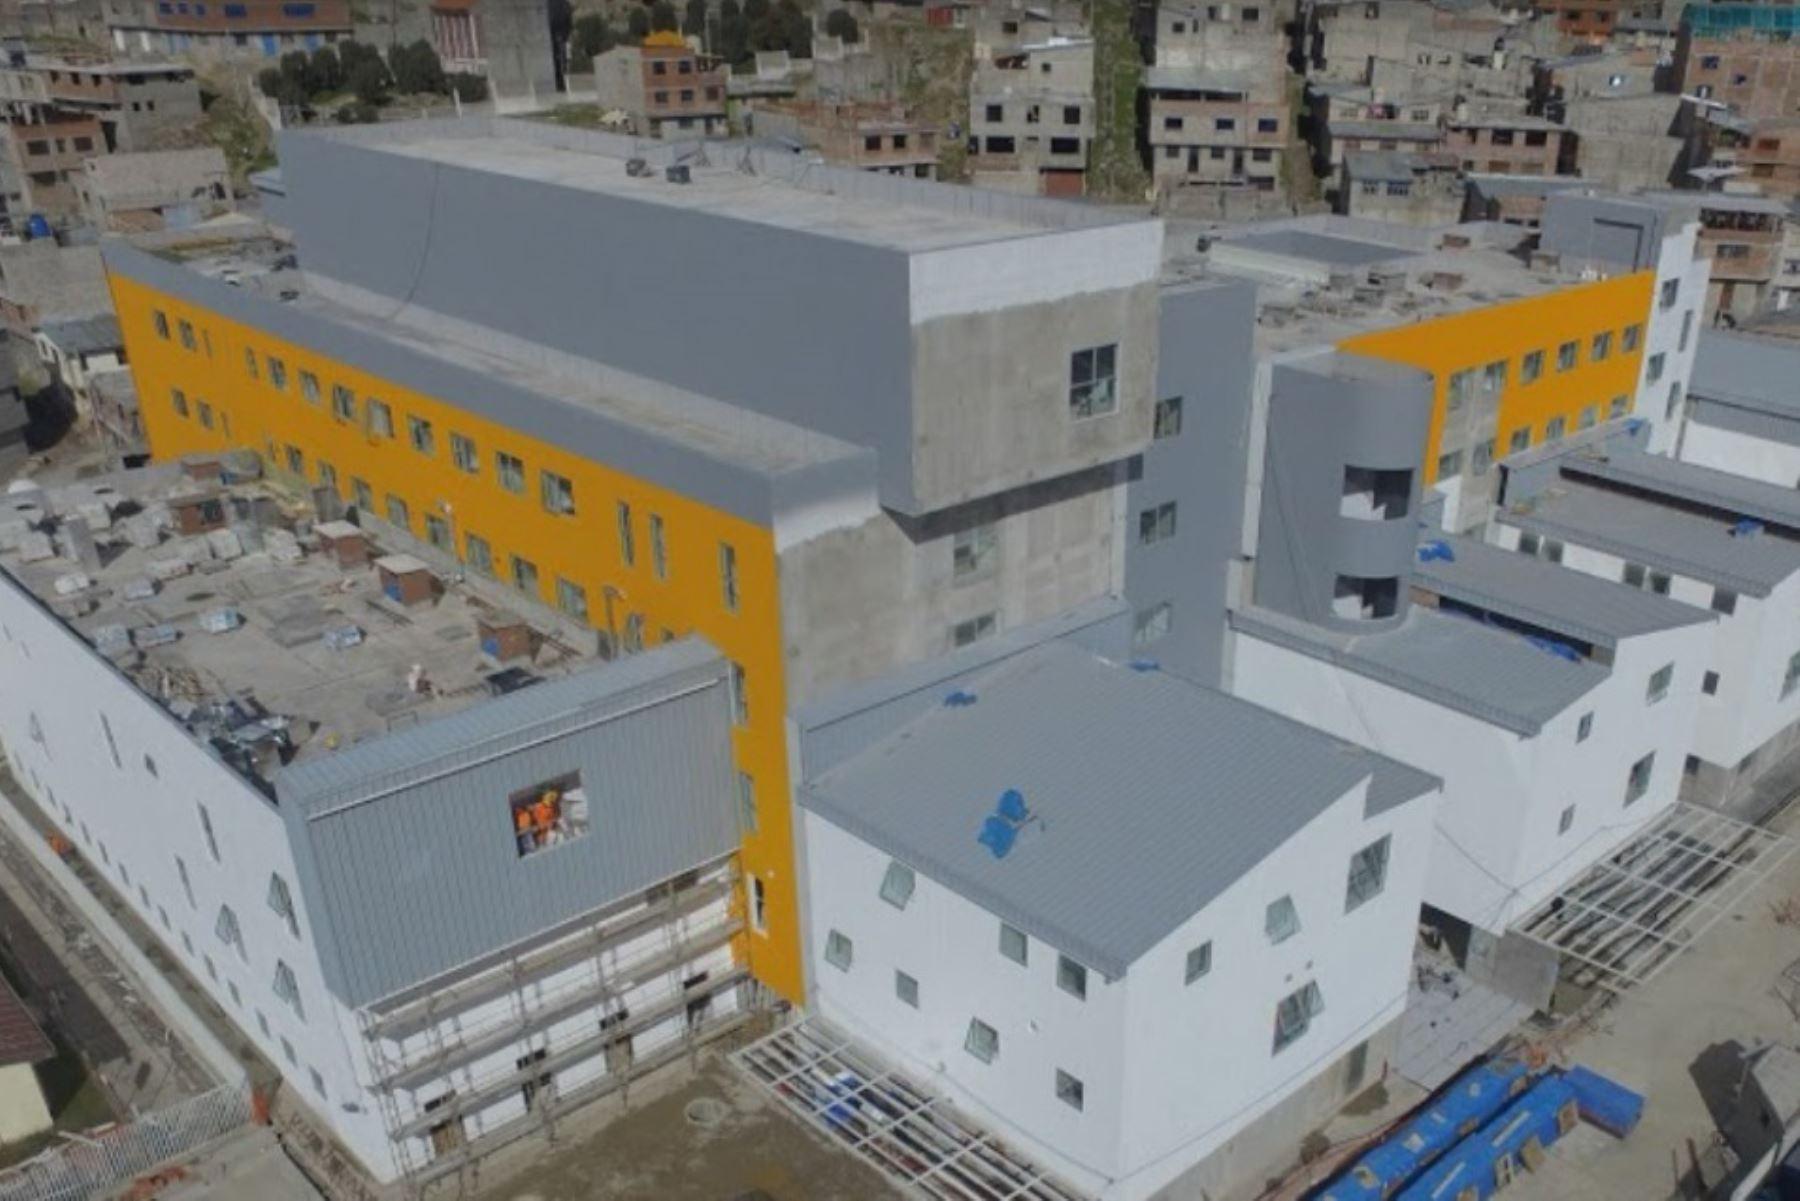 El gobierno regional de Pasco impulsa la inscripción del Hospital Regional Daniel Alcides Carrión en el Libro de los Récords Guinness.